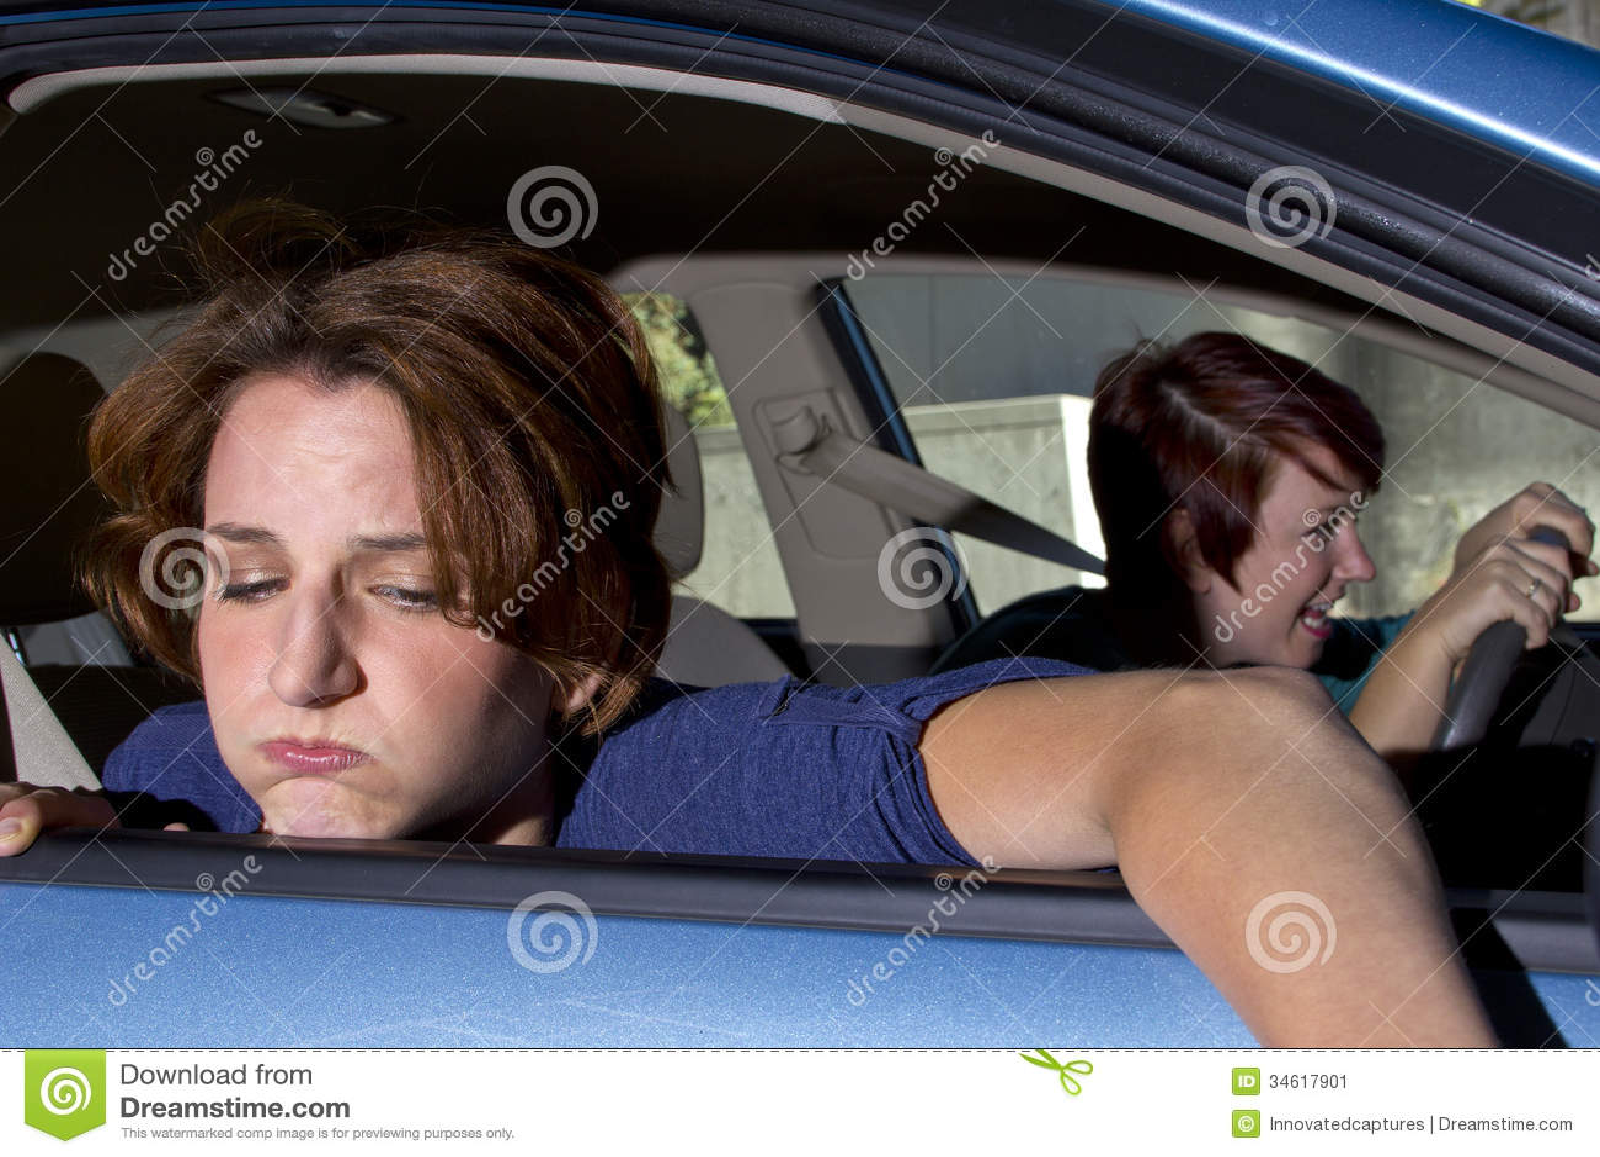 Car Sick Stock Image